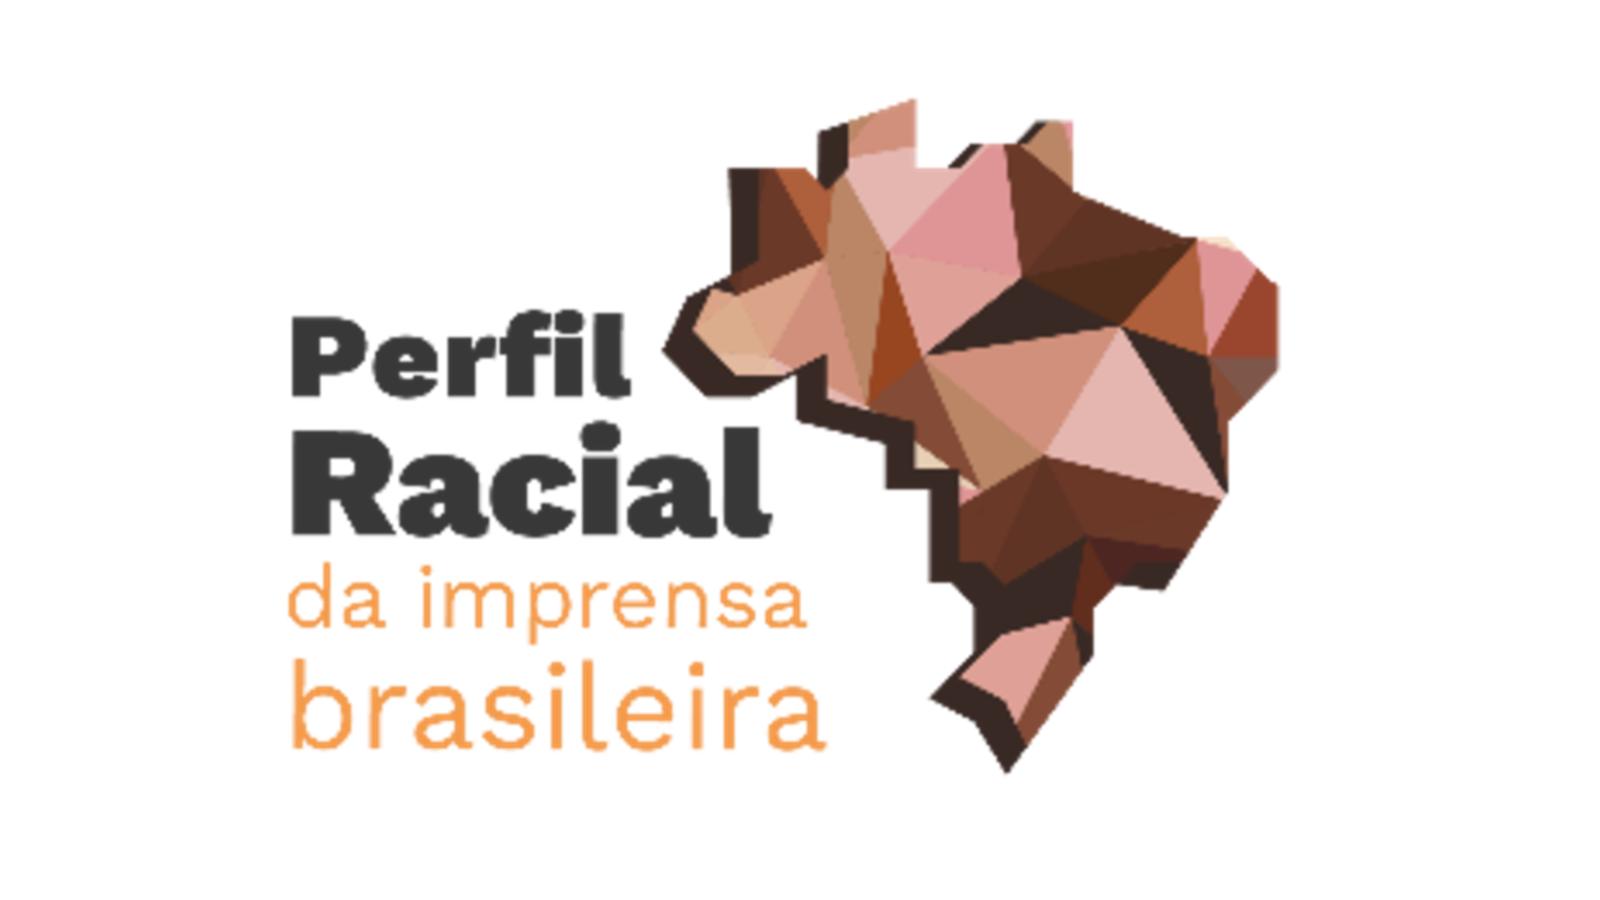 Censo sobre o Perfil Racial da Imprensa Brasileira começou nesta segunda-feira